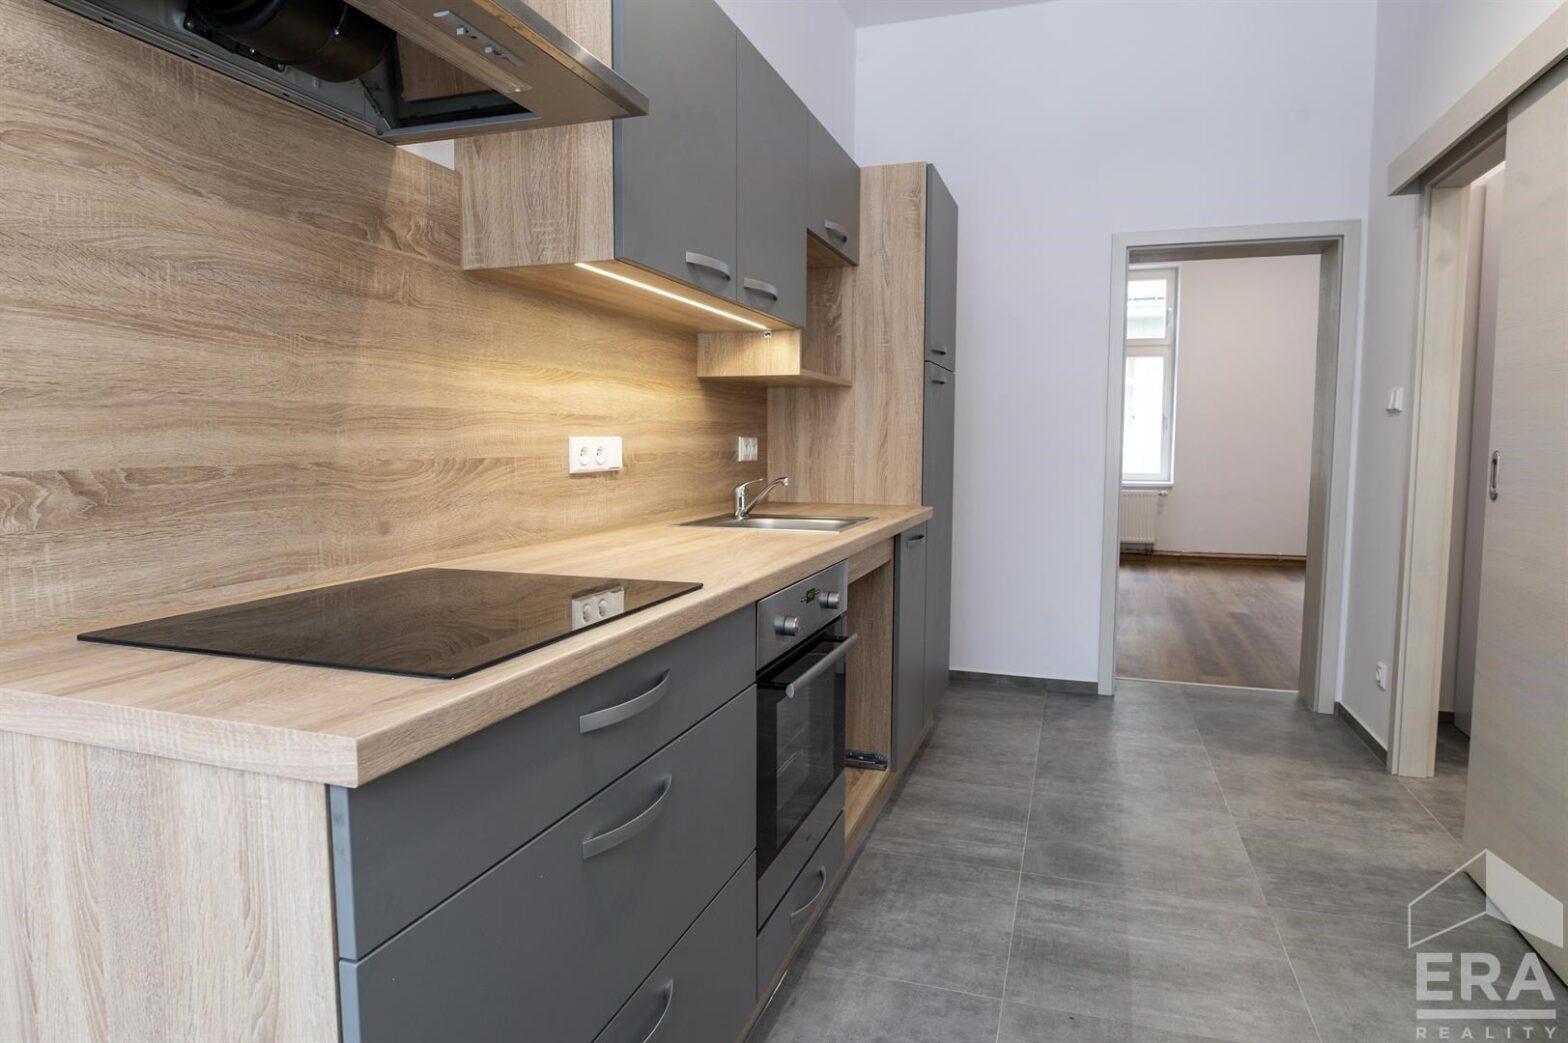 Pronájem nového bytu 1+1 v centru Jablonce nad Nisou